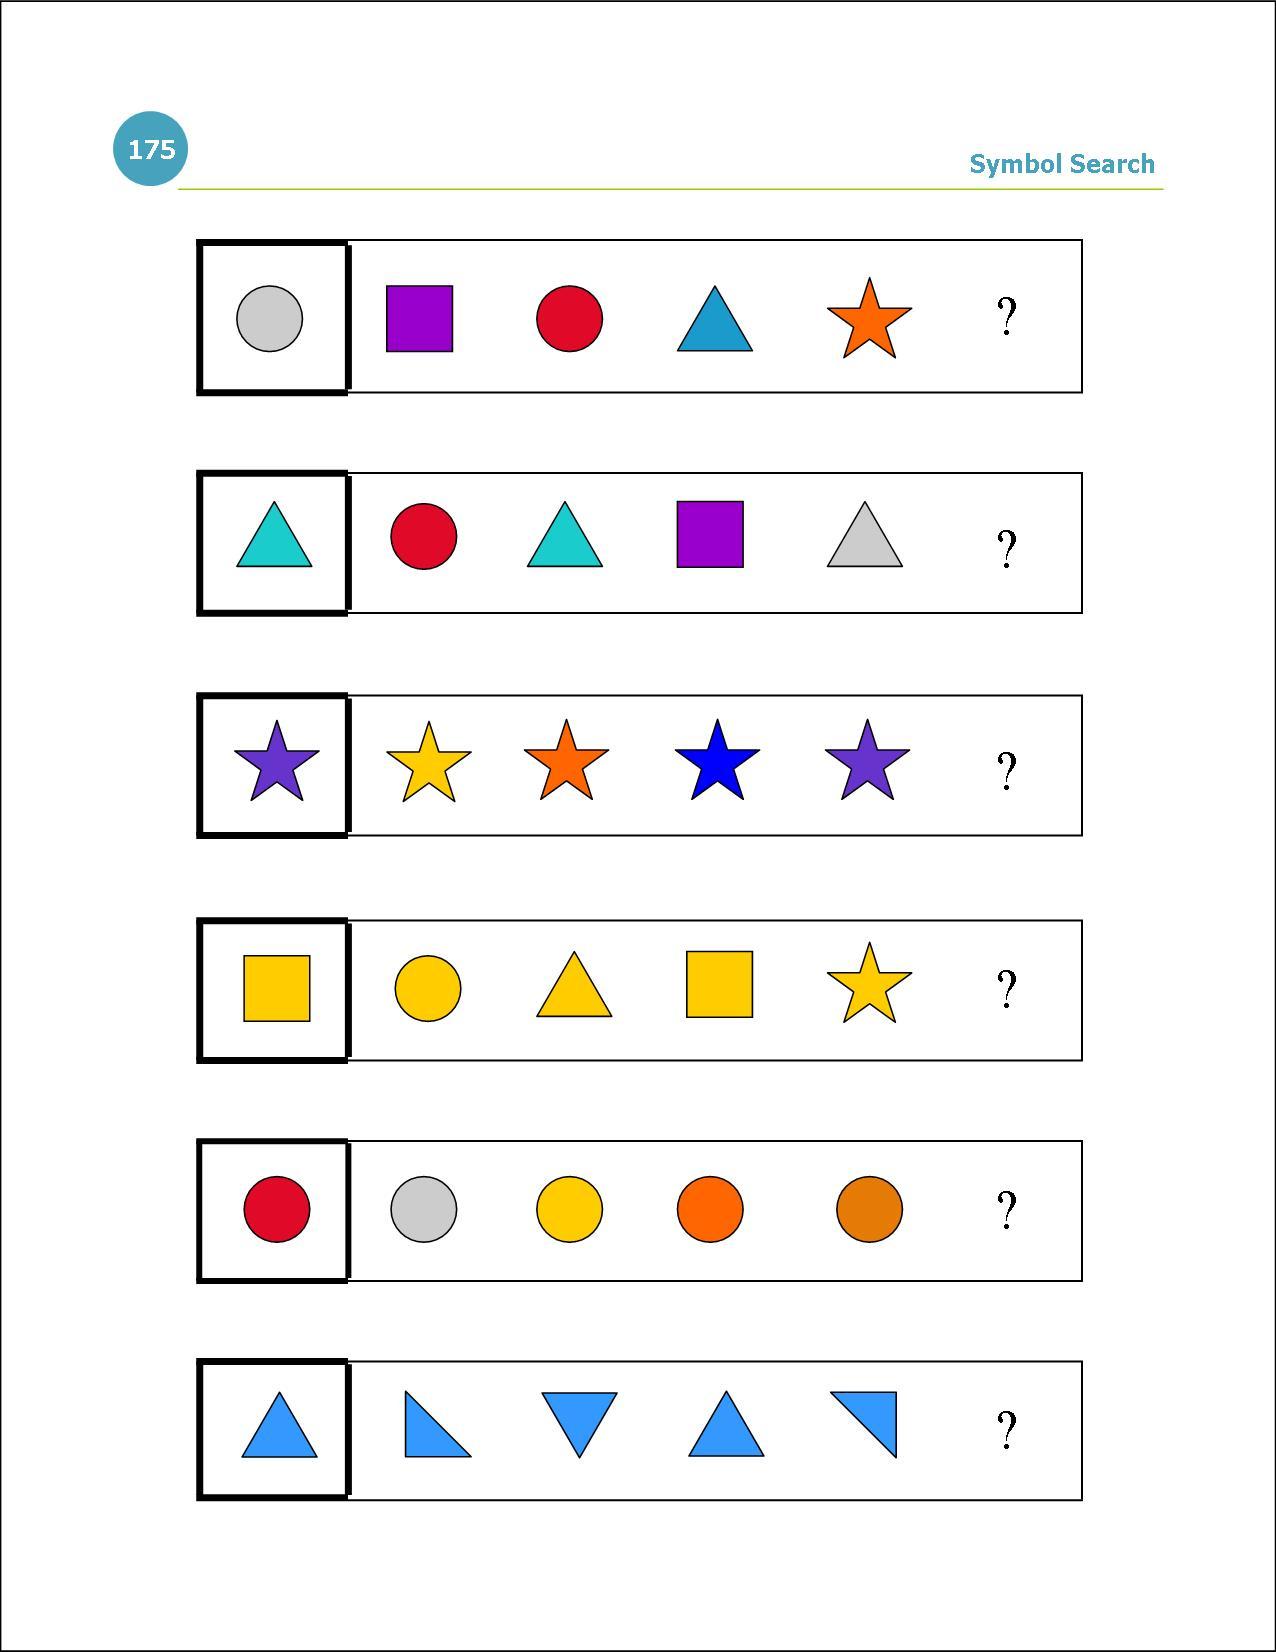 Enfant À Haut Potentiel Intellectuel ? - L'énigme Du Petit Zèbre encequiconcerne Exercice Pour Enfant De 4 Ans